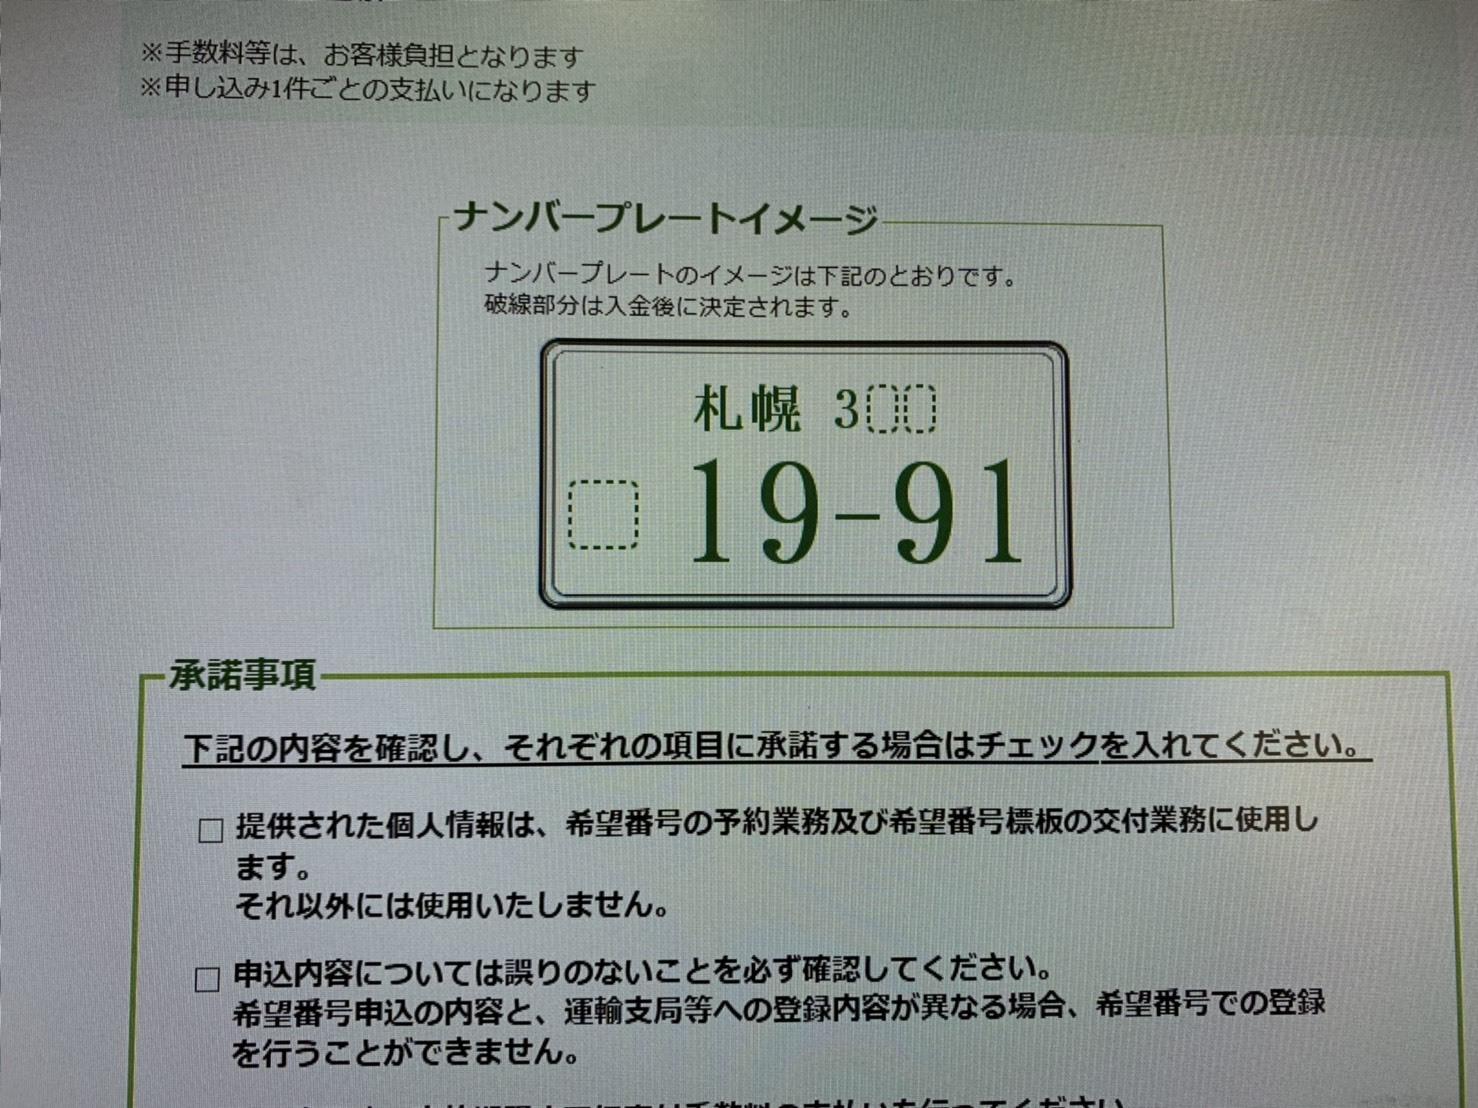 b0127002_16340183.jpg